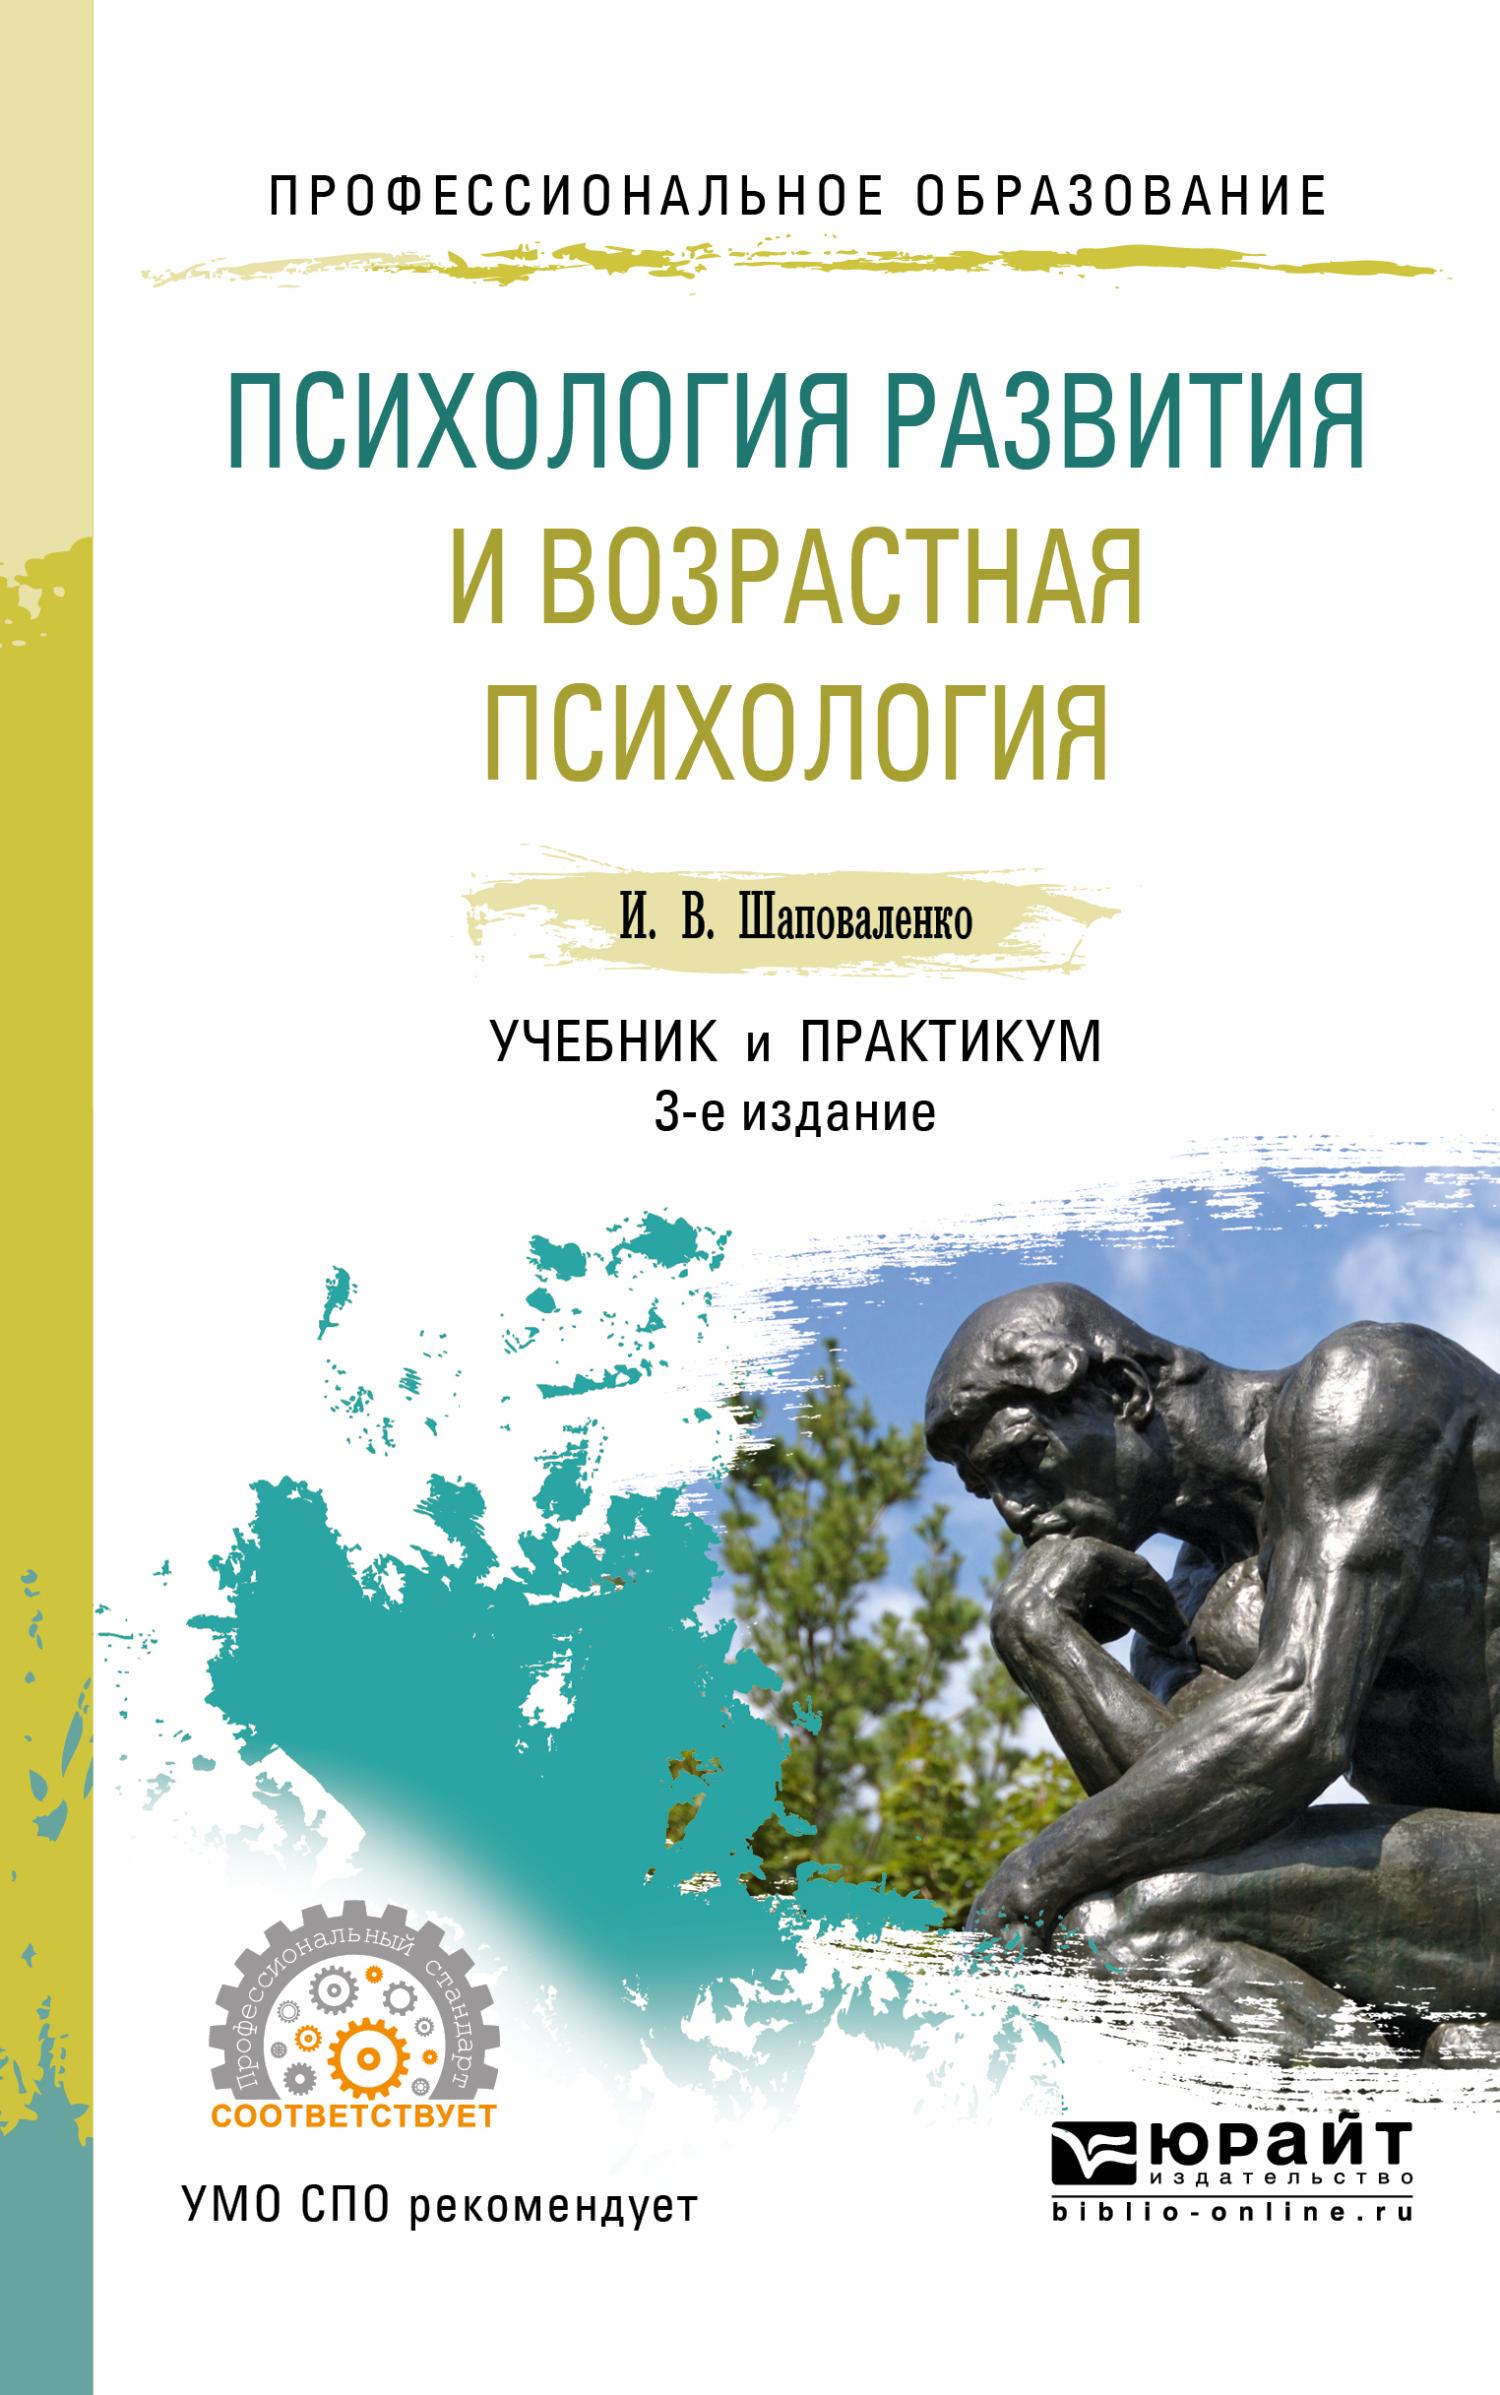 Психология развития и возрастная психология 3-е изд., пер. и доп. Учебник и практикум для СПО